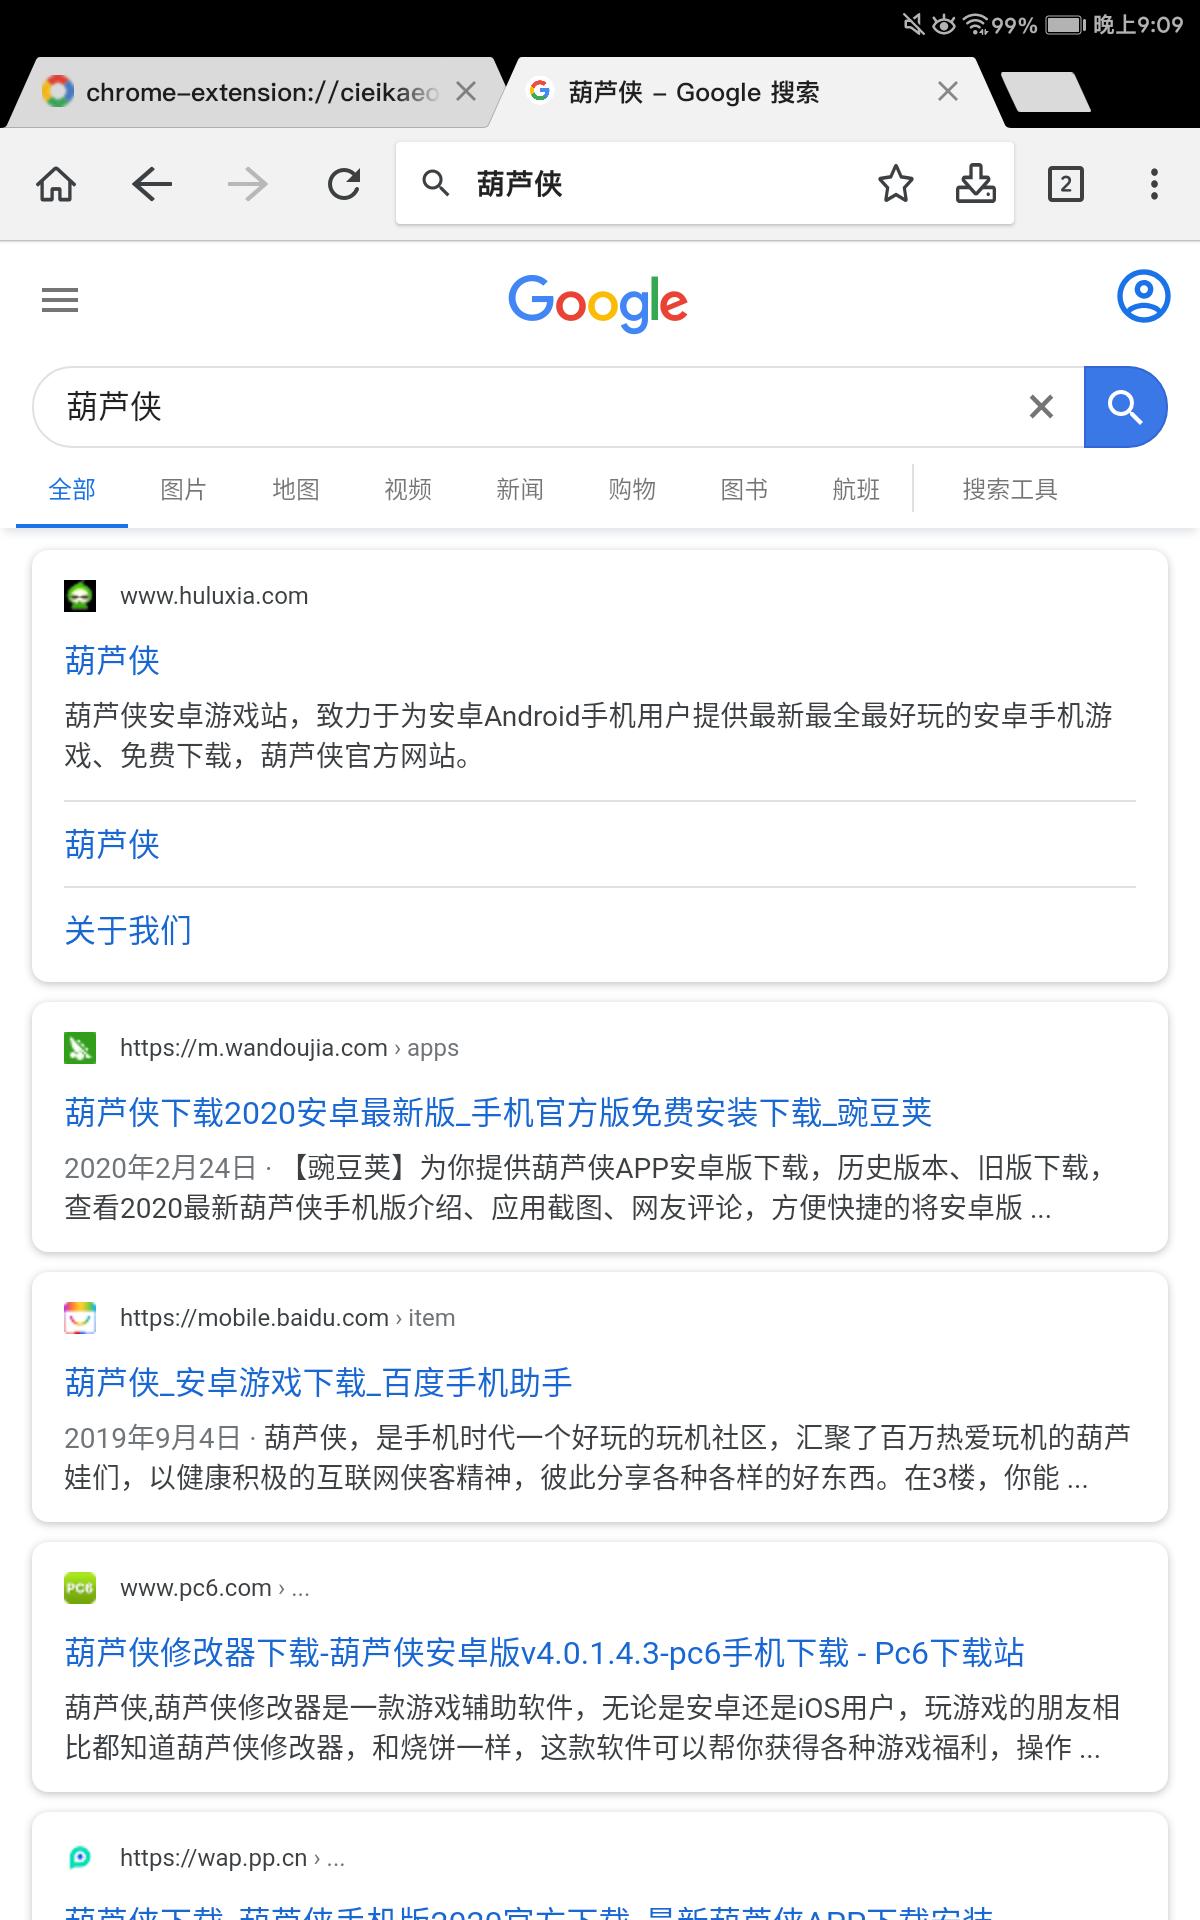 「分享」浏览器_谷歌_科学上网_